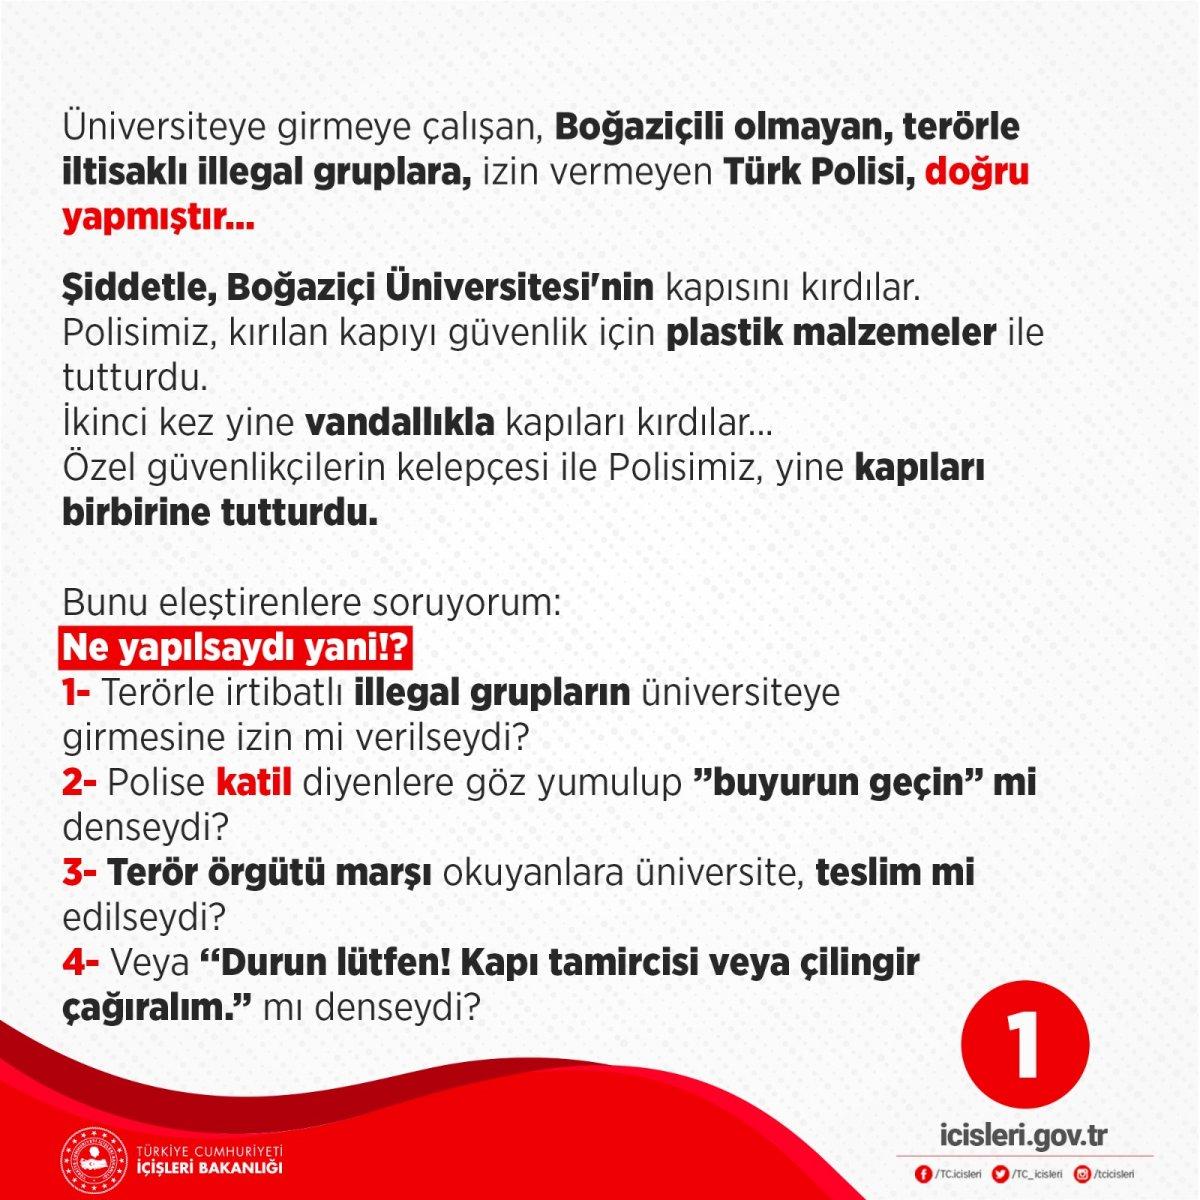 Süleyman Soylu: Türk Polisi, doğru yapmıştır #1